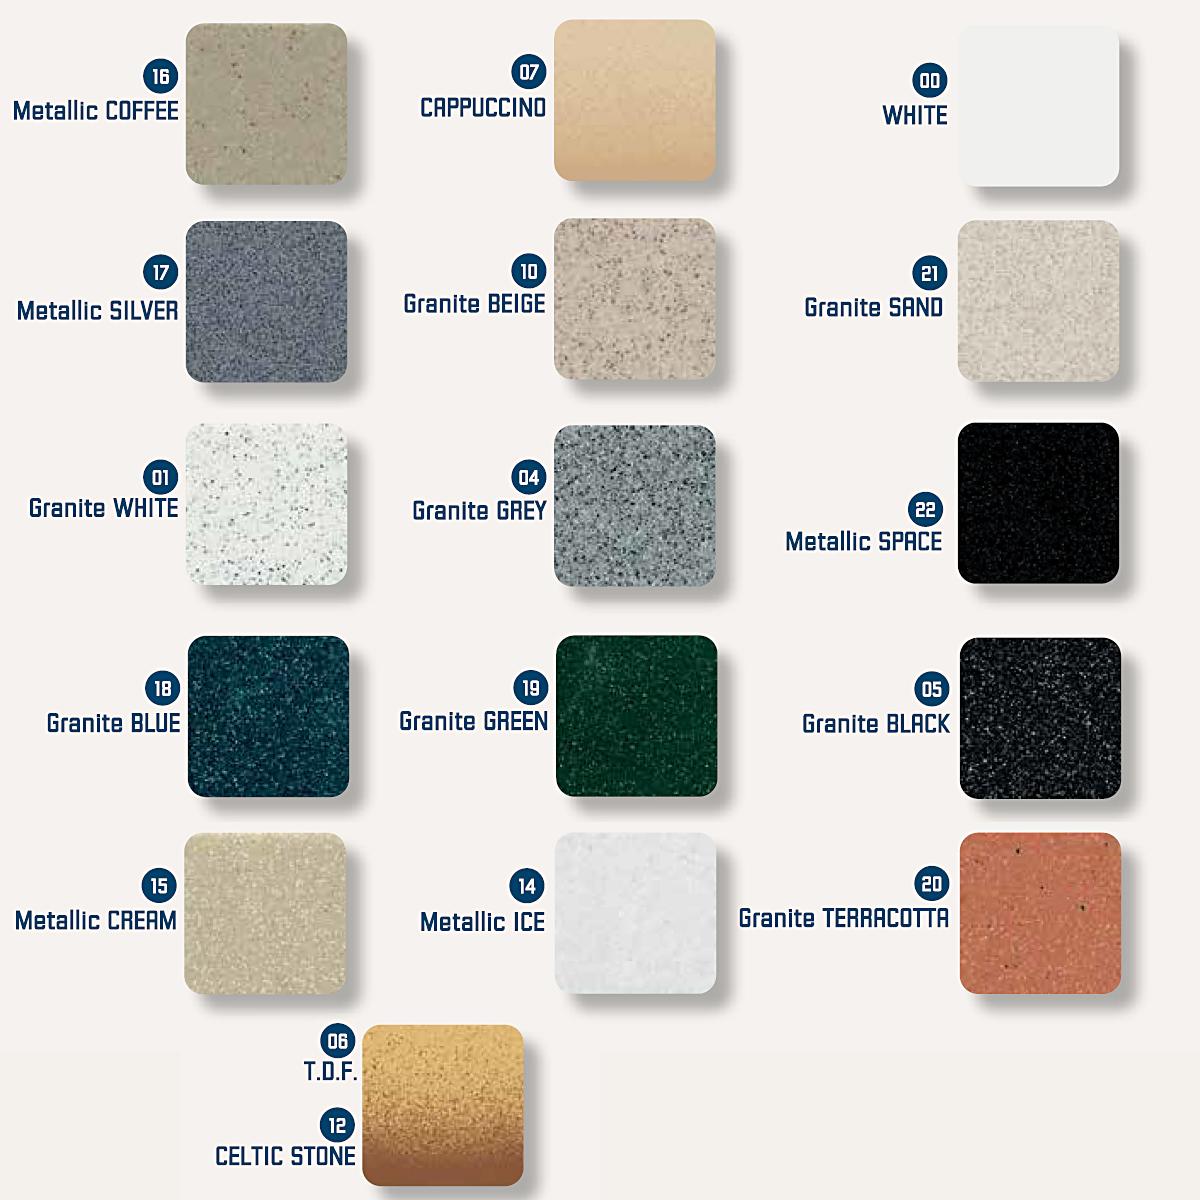 Νεροχύτης συνθετικού γρανίτη Sanitec Classic 338 1B 70x50cm 15 χρώματα